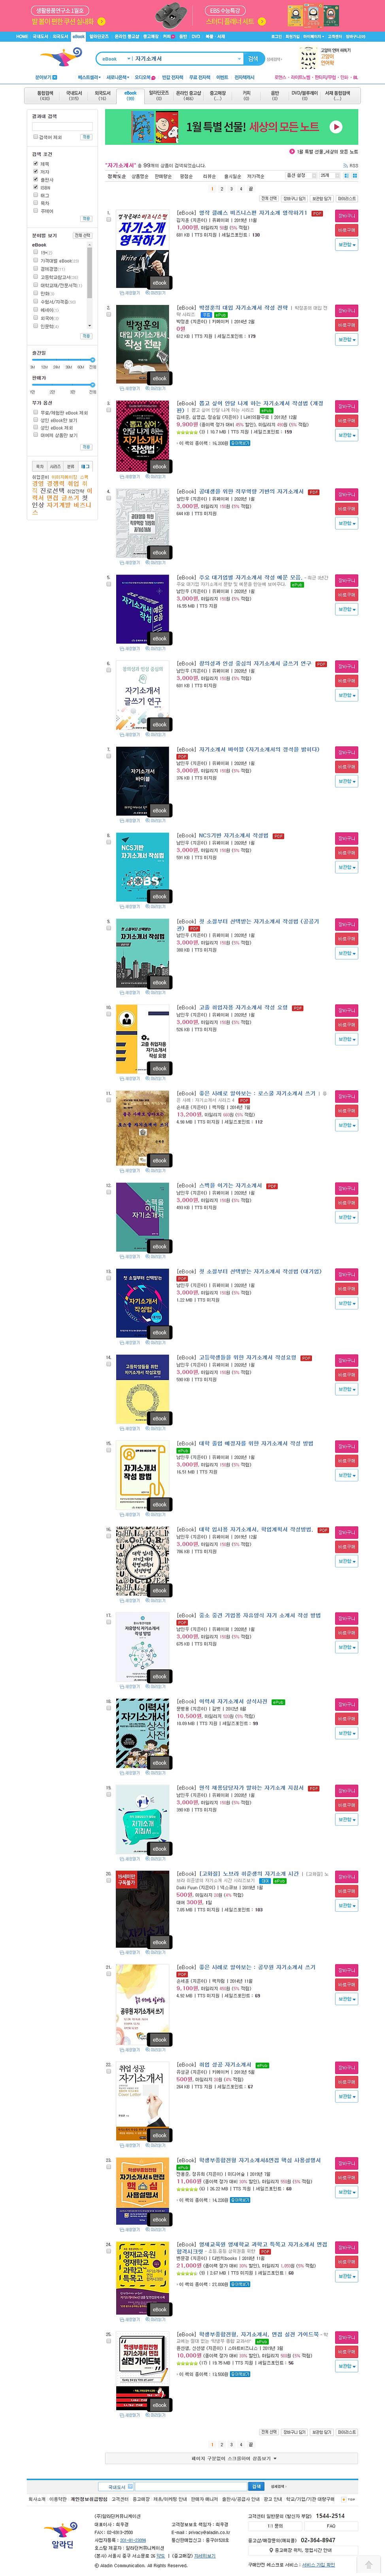 알라딘 북 4위-19위 자기소개서, 인물백과사전, 南仁祐. 사회기관단체인